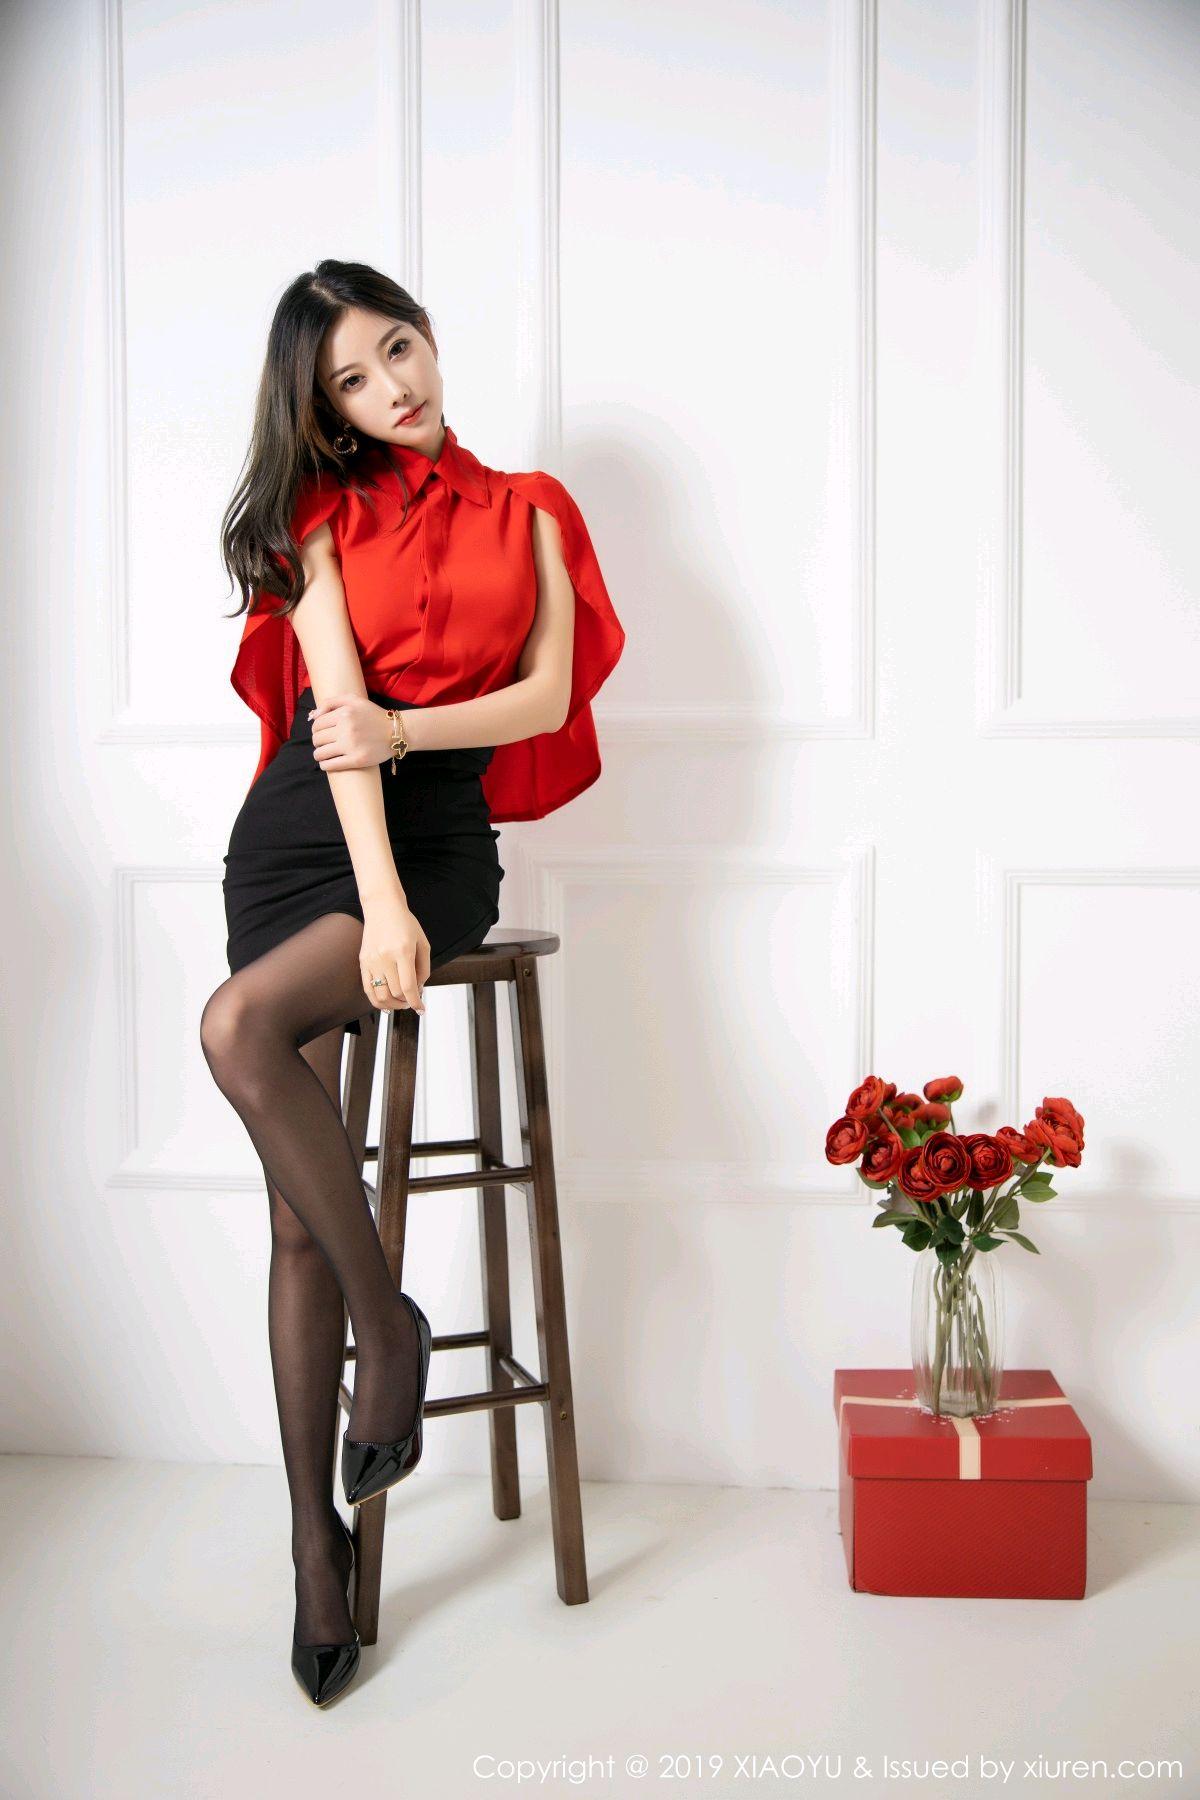 [XiaoYu] Vol.119 Yang Chen Chen 13P, Black Silk, Tall, Temperament, XiaoYu, Yang Chen Chen